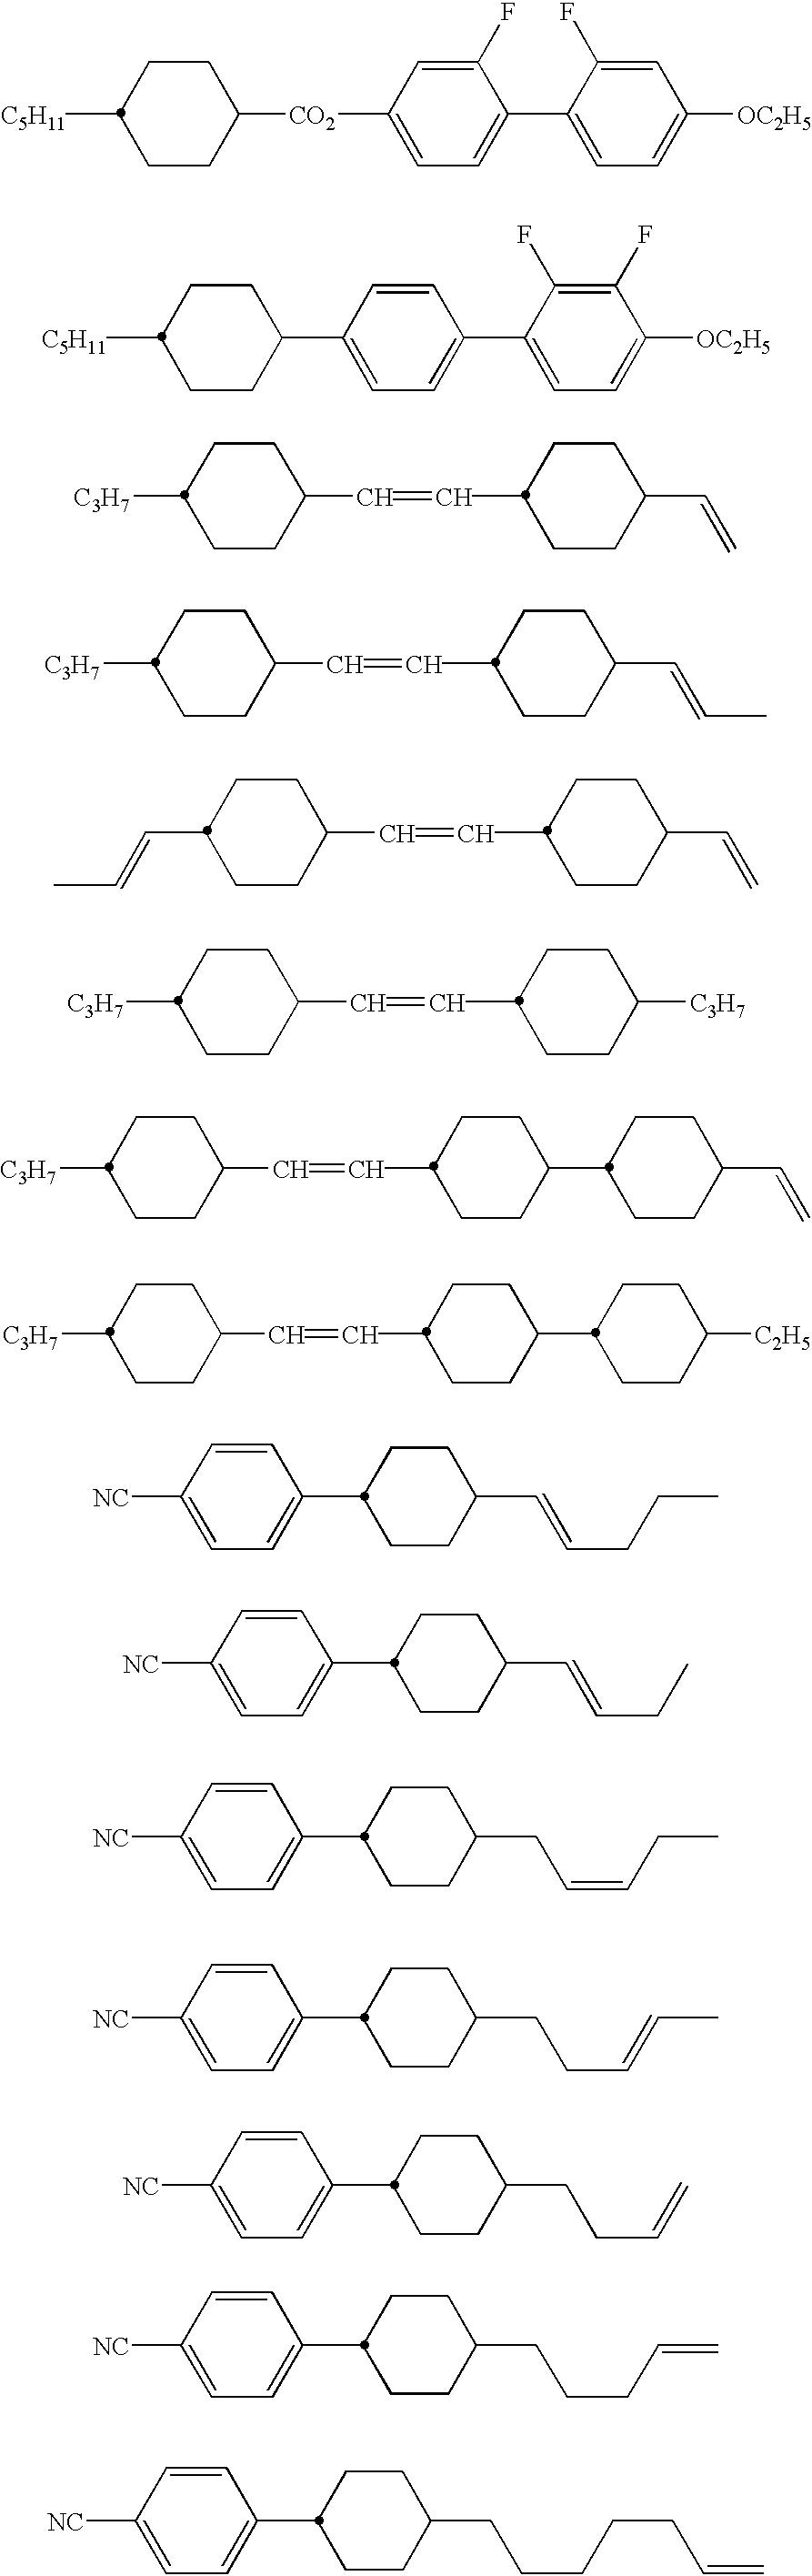 Figure US06580026-20030617-C00008